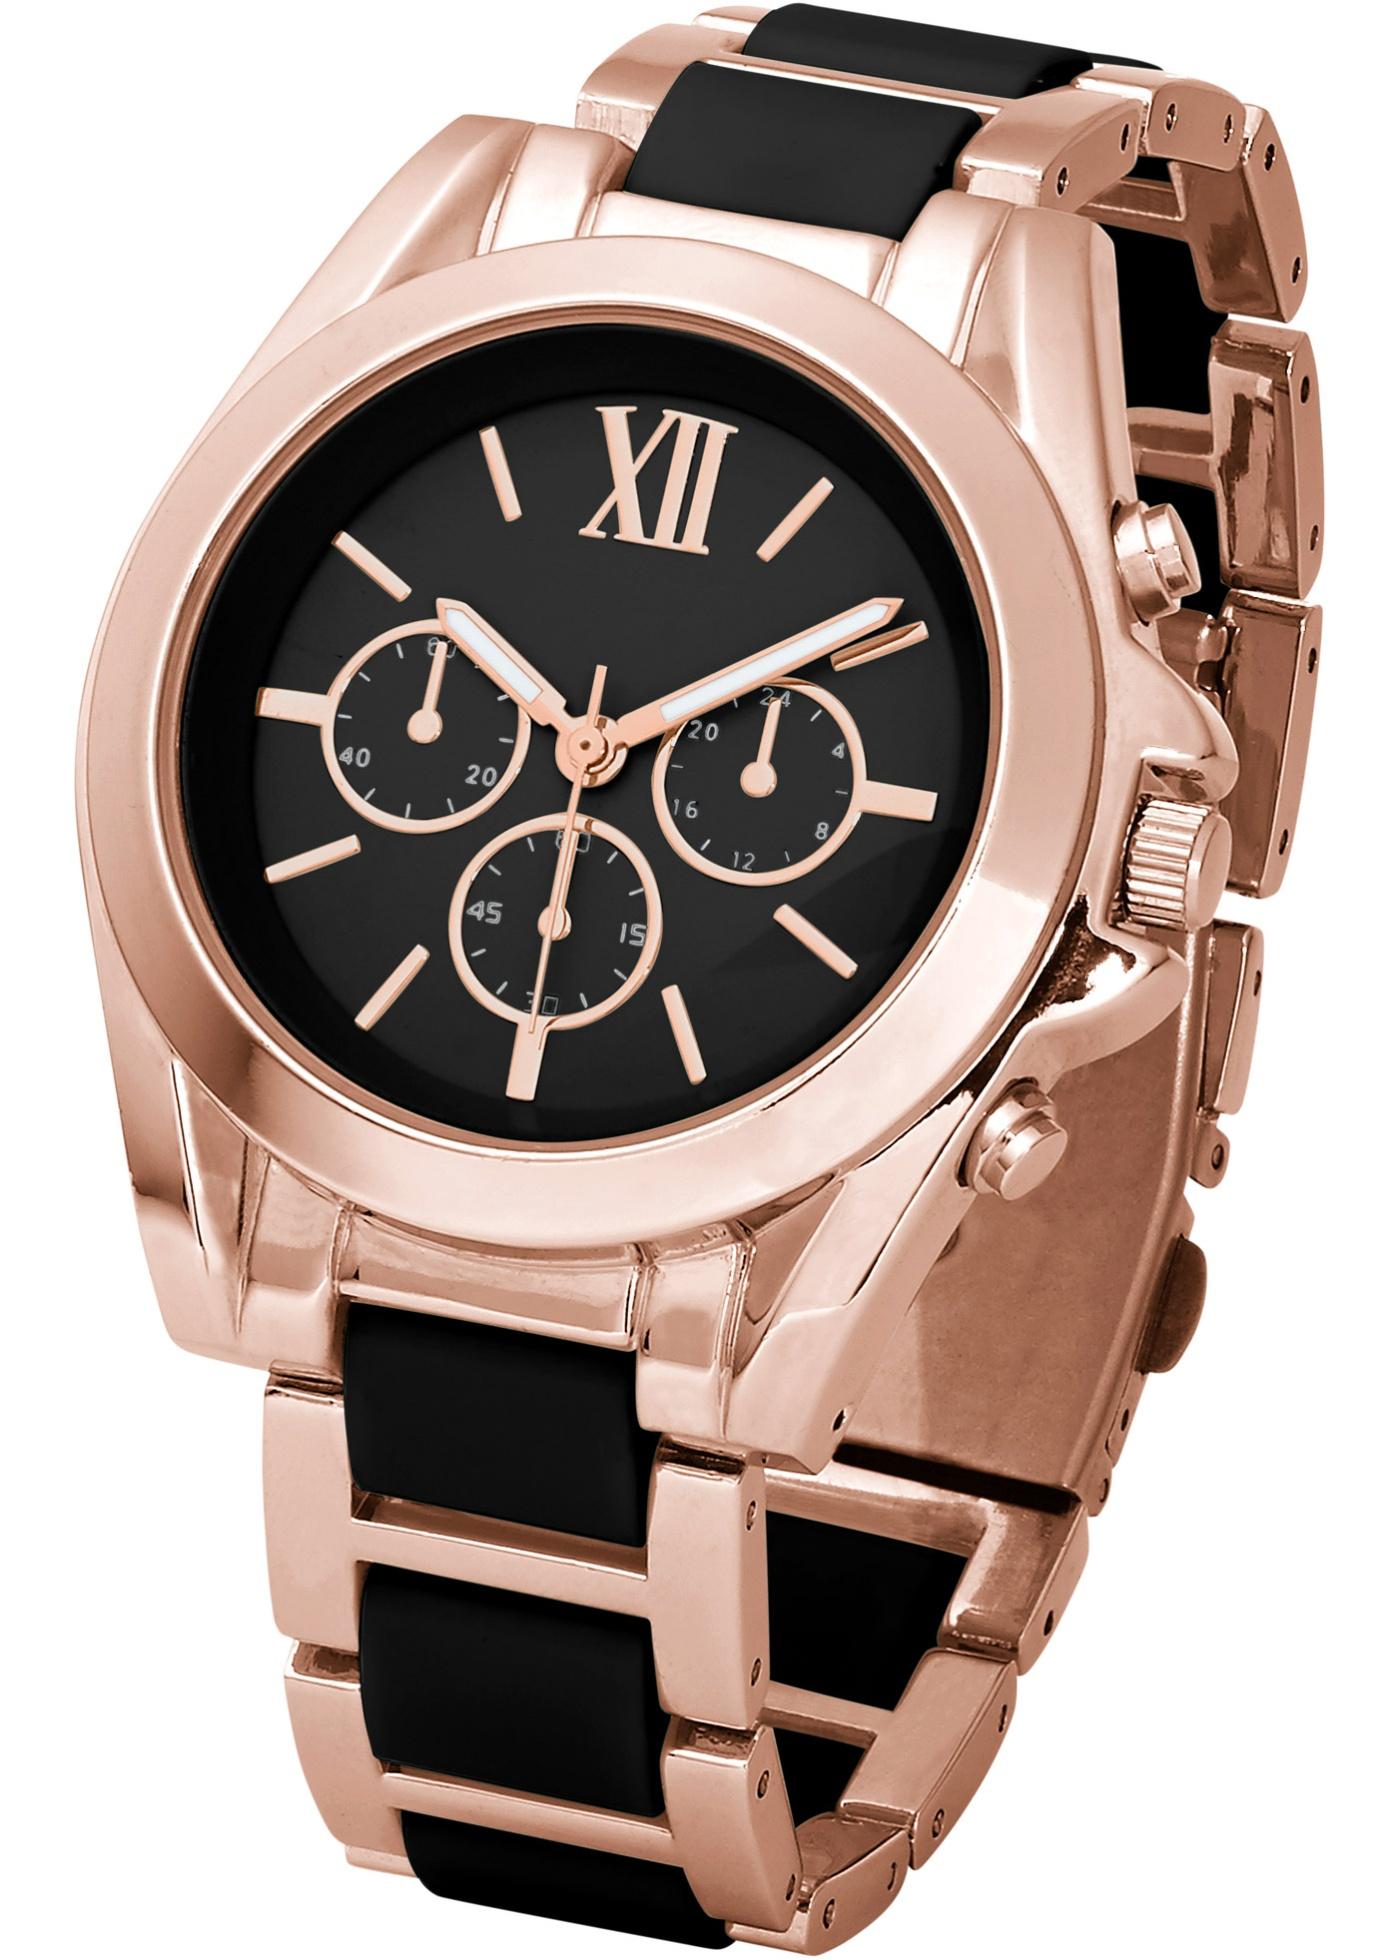 """Montre style chrono avec bracelet en métal. Les inserts en matière synthétique de coloris contrastant lui donnent un look superbe ! Long. maxi env. 22 cm, le bracelet peut être raccourci à l""""aide d""""outils d""""horlogerie (non inclus). Prix com"""